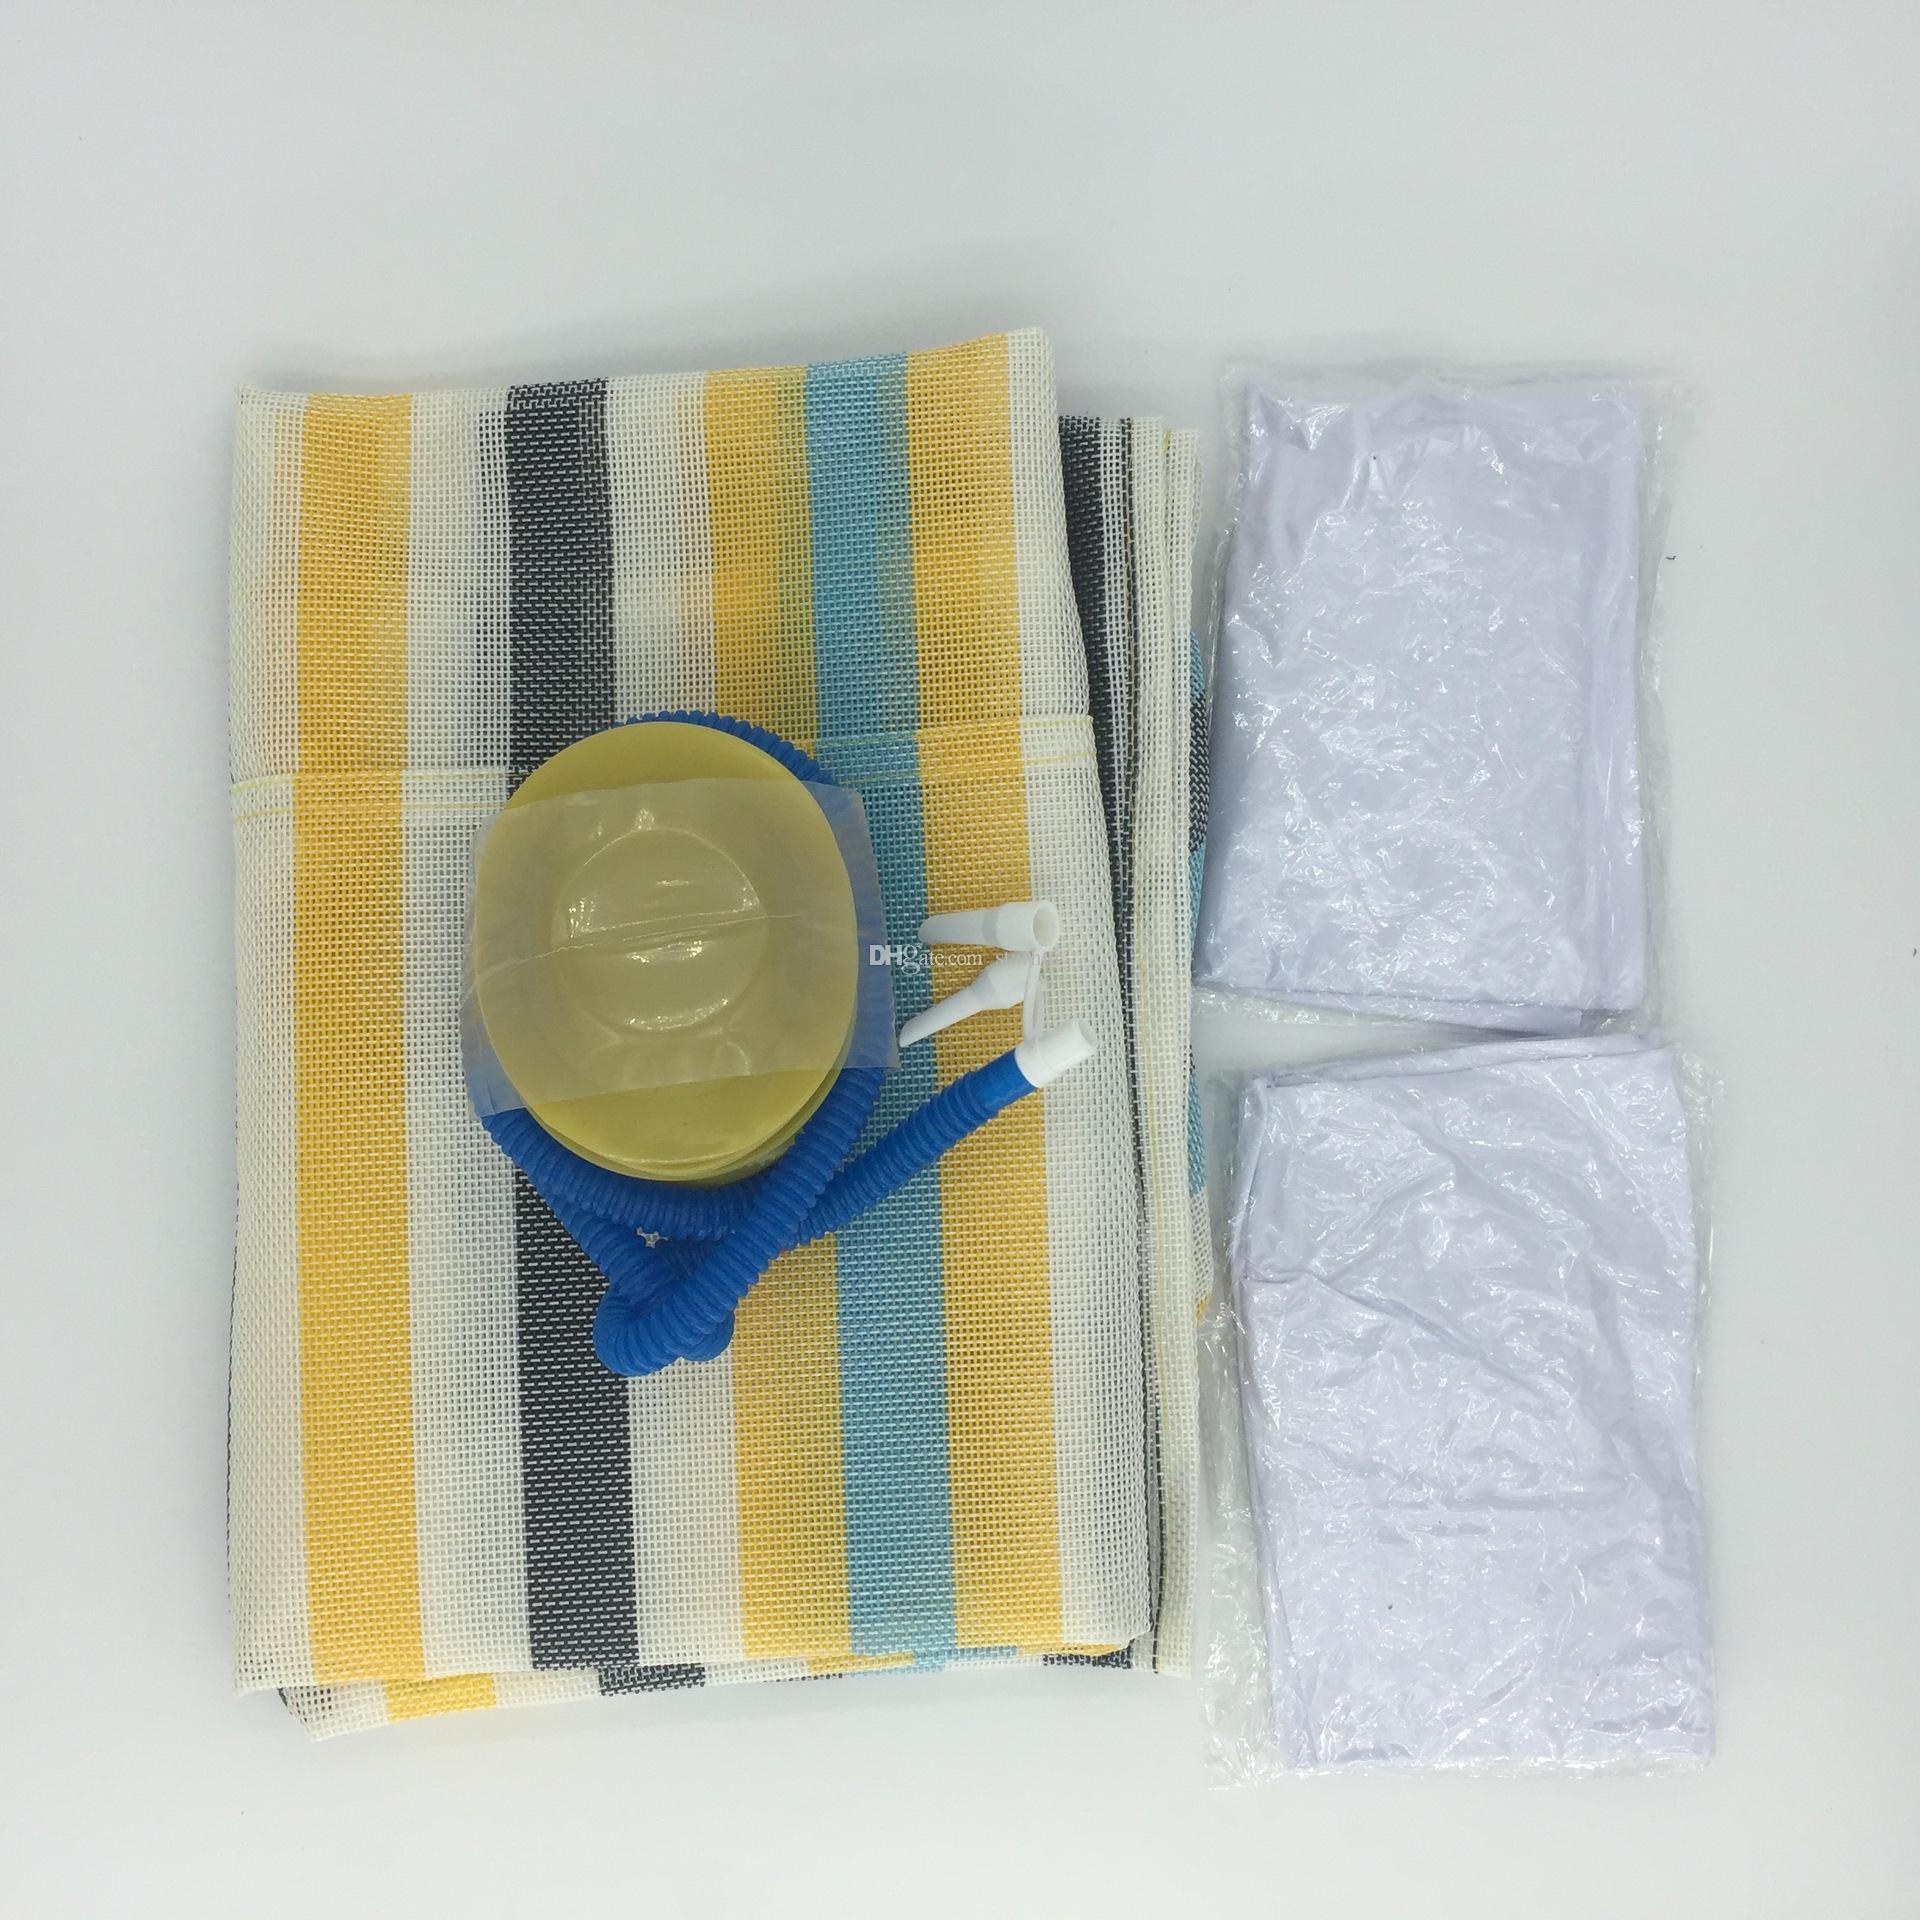 Moda Şişme Yüzer Su Hamak Yüzme Havuzları Spalar Yatak Sandalye Plaj Oynama Aracı 70 * 132 cm WX9-591